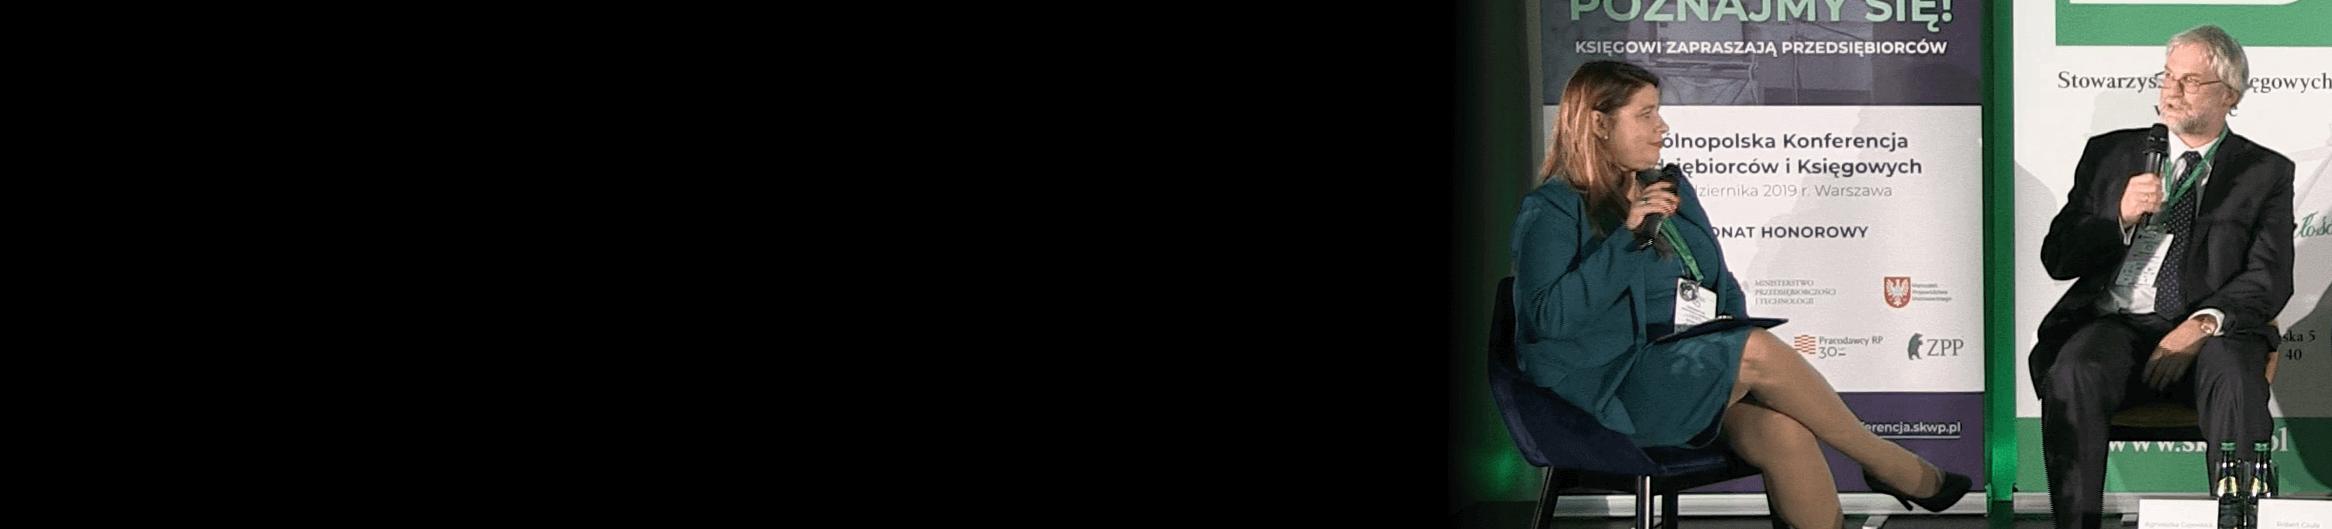 Konferencja nowoczesna technologia a współpraca i komunikacja z biurem rachunkowym. Zdjęcie Prezesa Roberta Czuły, Soneta, producent systemu ERP enova365